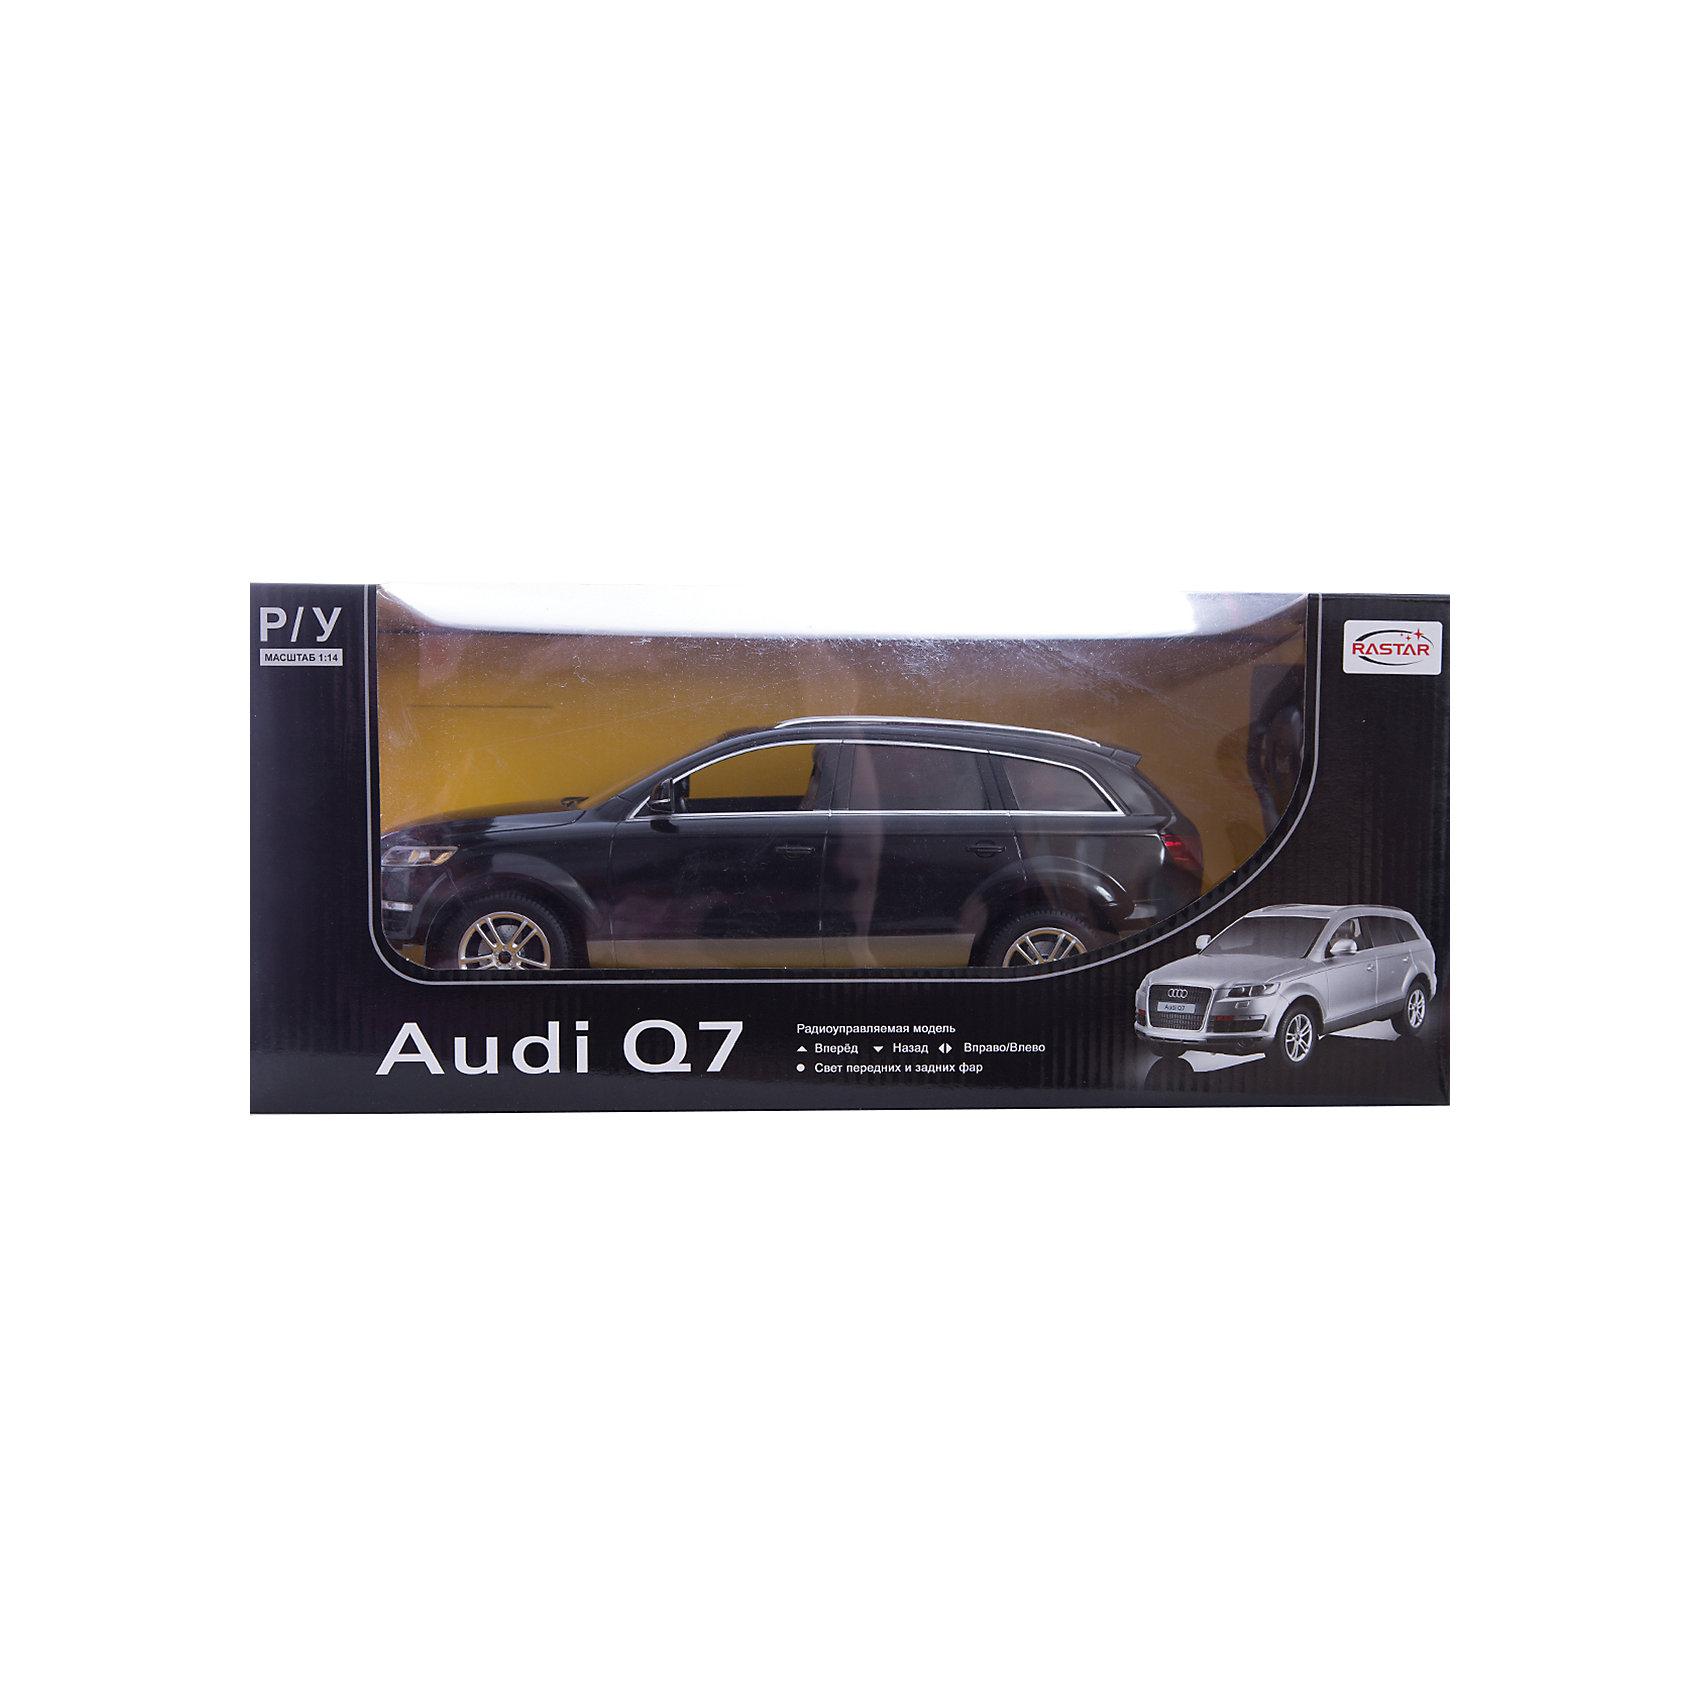 Машина AUDI Q7 1:14, свет, на р/у, RASTAR, черныйКоллекционные модели<br>Радиоуправляемая модель автомобиля Audi Q7 от Rastar выполнена в масштабе 1:14 из металла с пластмассовыми деталями — точная копия оригинального автомобиля. Автомобиль может двигаться вперед, назад, влево, вправо со скоростью до 12 км/ч. При движении вперед у автомобиля светятся фары. Радиус управления игрушкой до 35 метров.  При игре с автомобилем отлично развиваются логическое мышление и  координация движений.  Радиоуправляемая машина Audi Q7 от Rastar обрадует любого мальчишку!  Дополнительная информация:  - Пульт радиоуправления на частоте 27MHz. - Материал: металл, высококачественная пластмасса - Размеры упаковки(ДхШхВ): 22 x 46 x 20 см - Размеры автомобиля(ДхШхВ):  36x14x12 см - Батарейки: 5 х АА, 1 х «Крона». В комплект не входят. - Вес: 1,58 кг  Машину AUDI Q7 1:14, свет, на р/у, RASTAR можно купить в нашем интернет-магазине.<br><br>Ширина мм: 200<br>Глубина мм: 220<br>Высота мм: 460<br>Вес г: 1580<br>Возраст от месяцев: 36<br>Возраст до месяцев: 144<br>Пол: Мужской<br>Возраст: Детский<br>SKU: 4838261